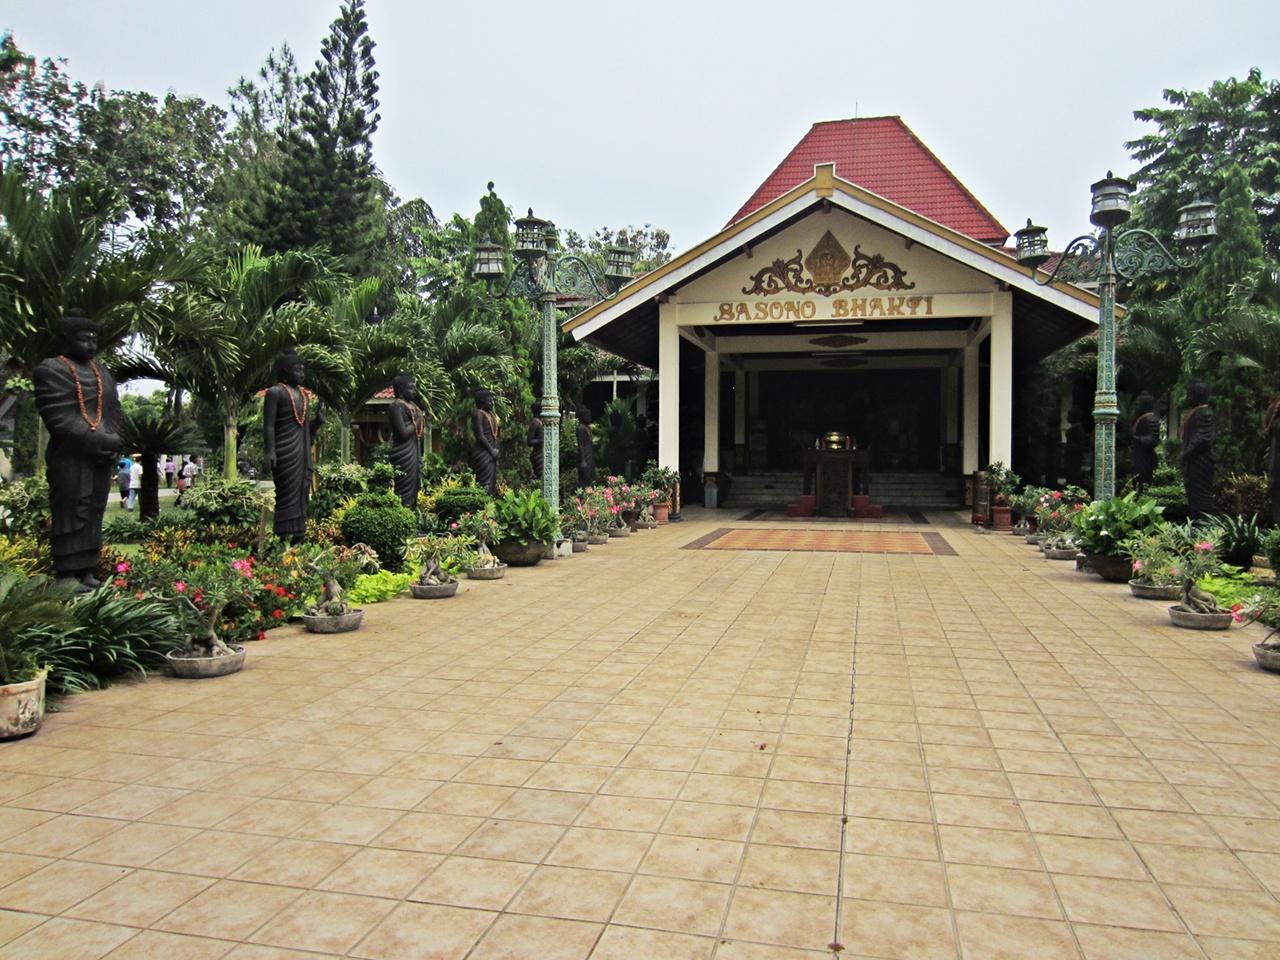 Wisata Sejarah Majapahit Trowulan World Candi Gentong Maha Vihara Mojopahit